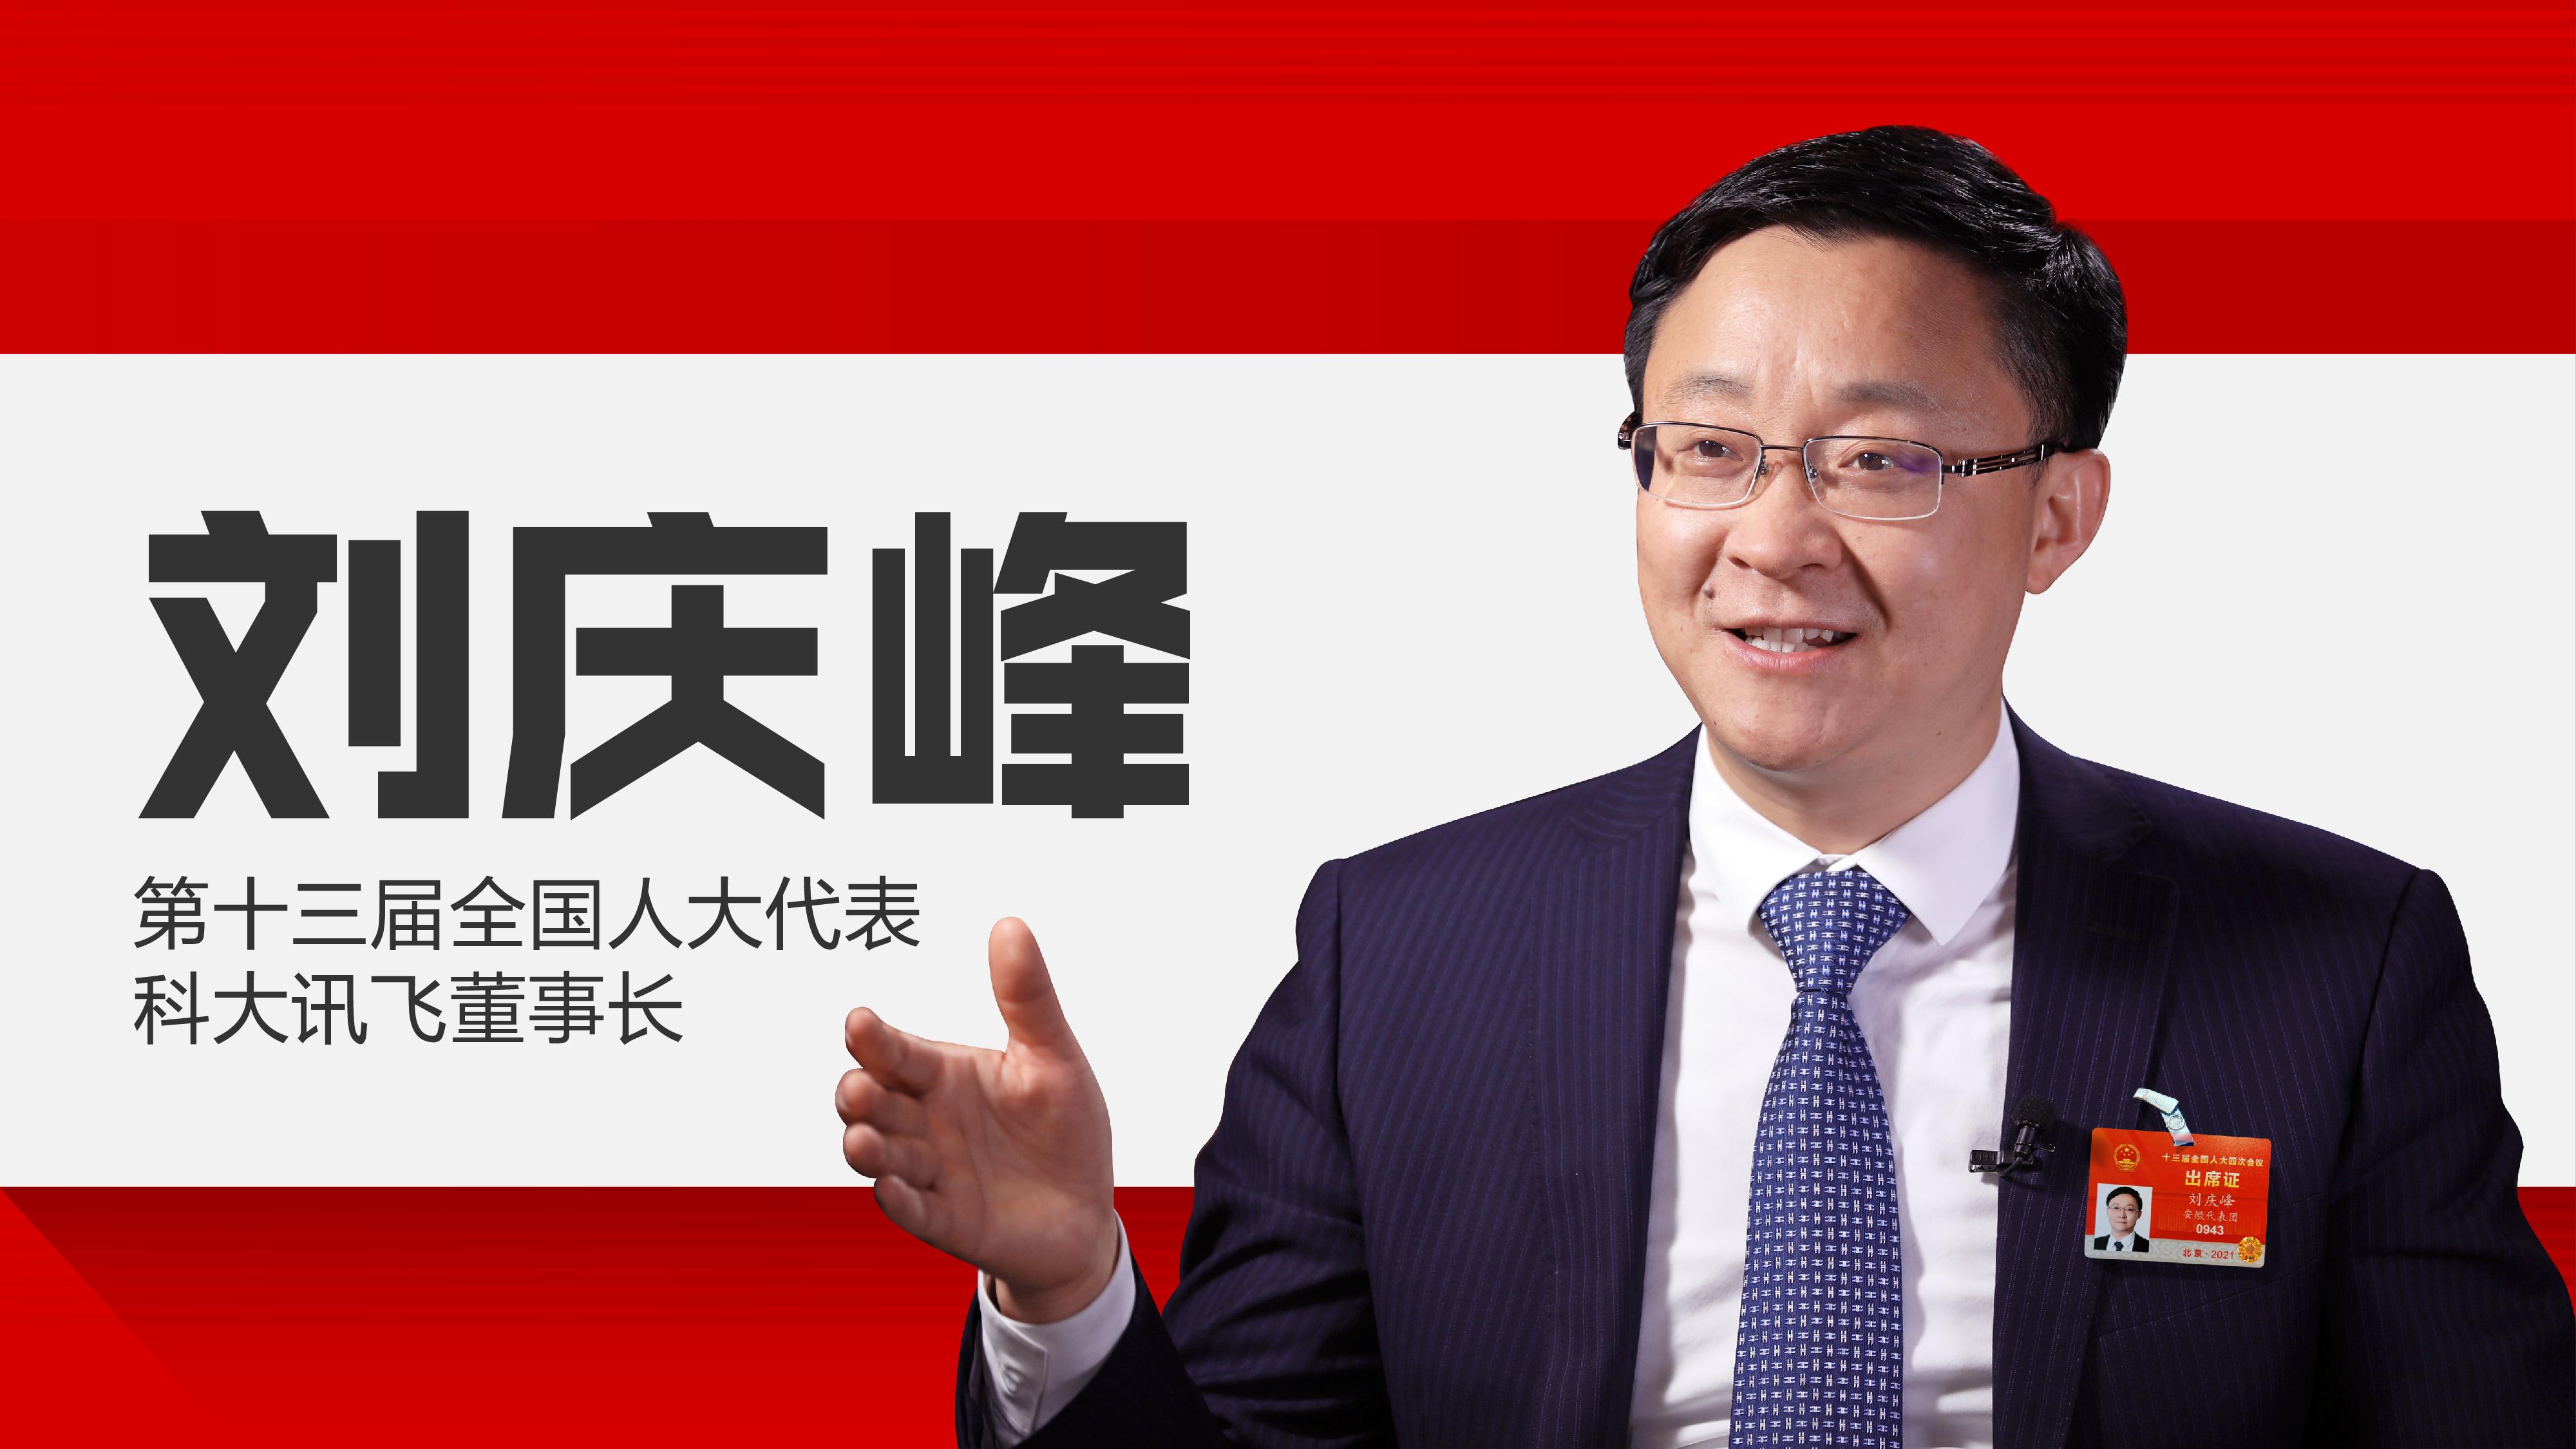 会见企业家|刘庆峰:用人工智能赋能基层全科医生已技术成熟